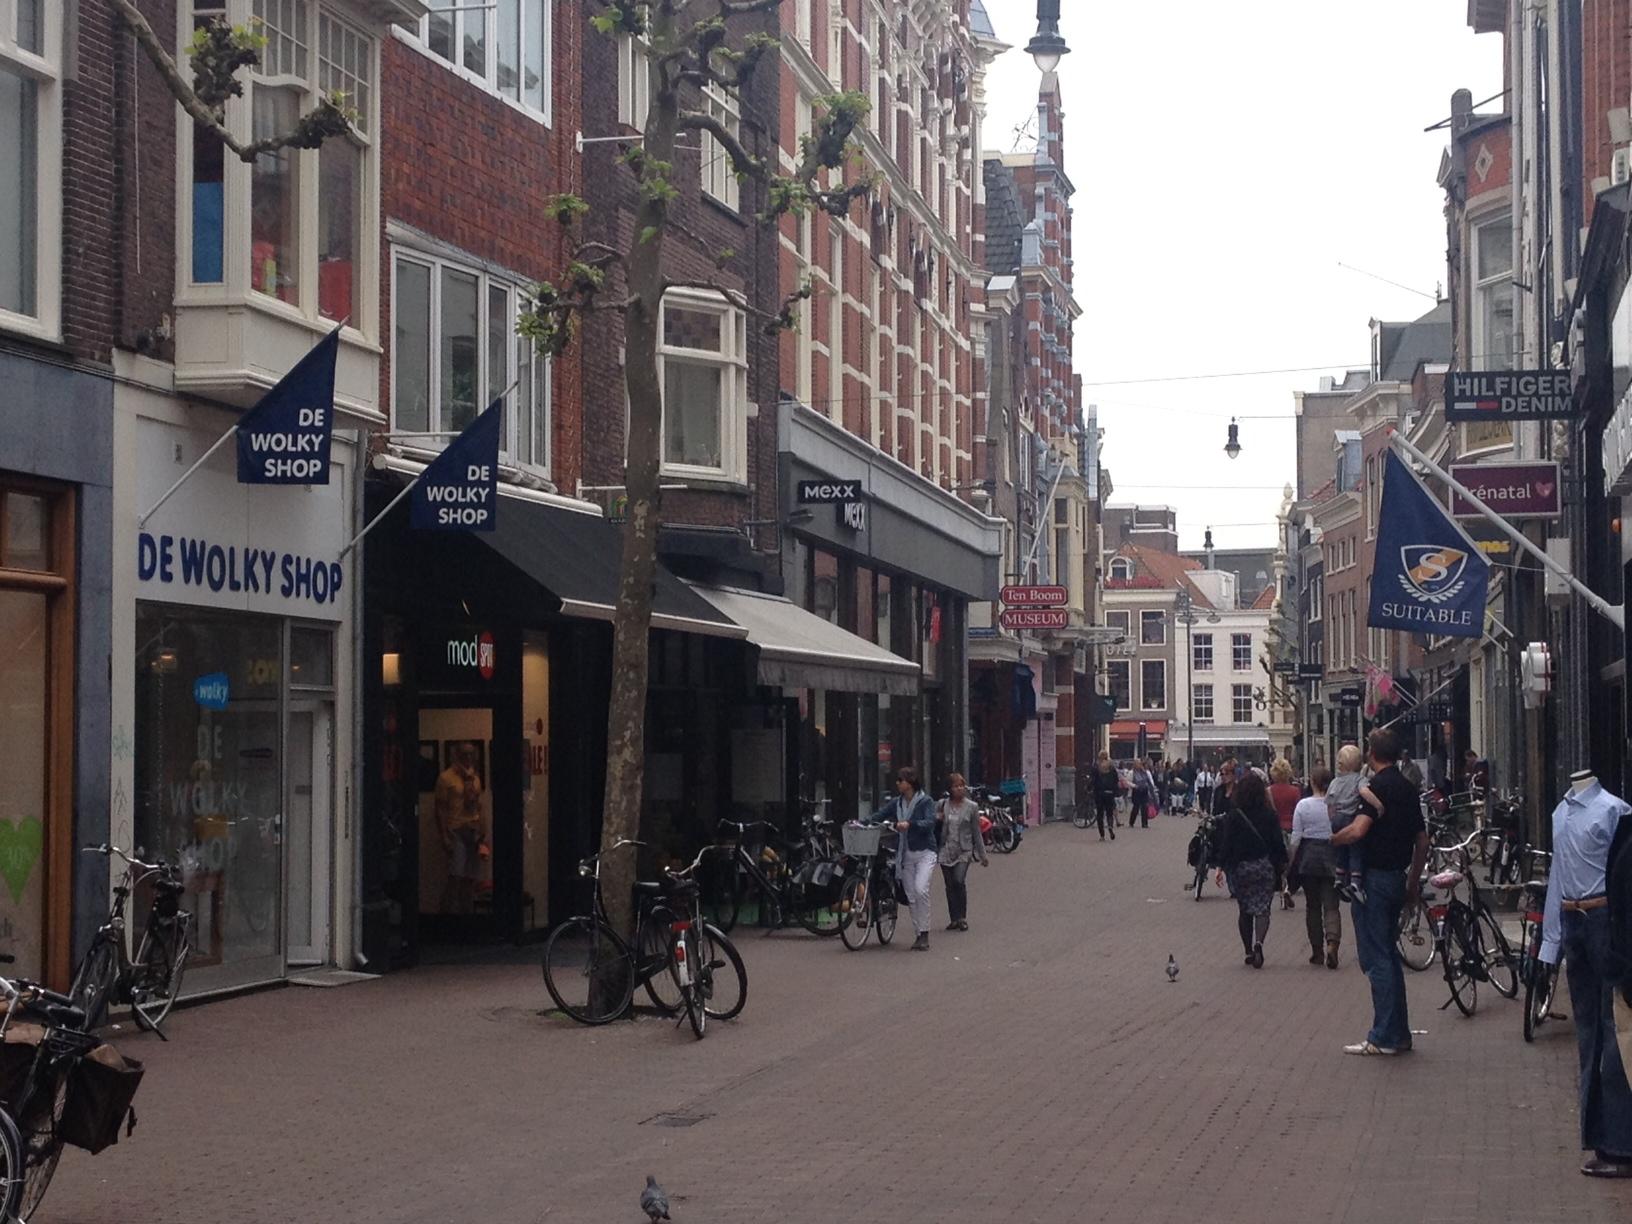 Smedestraat 6a, Haarlem